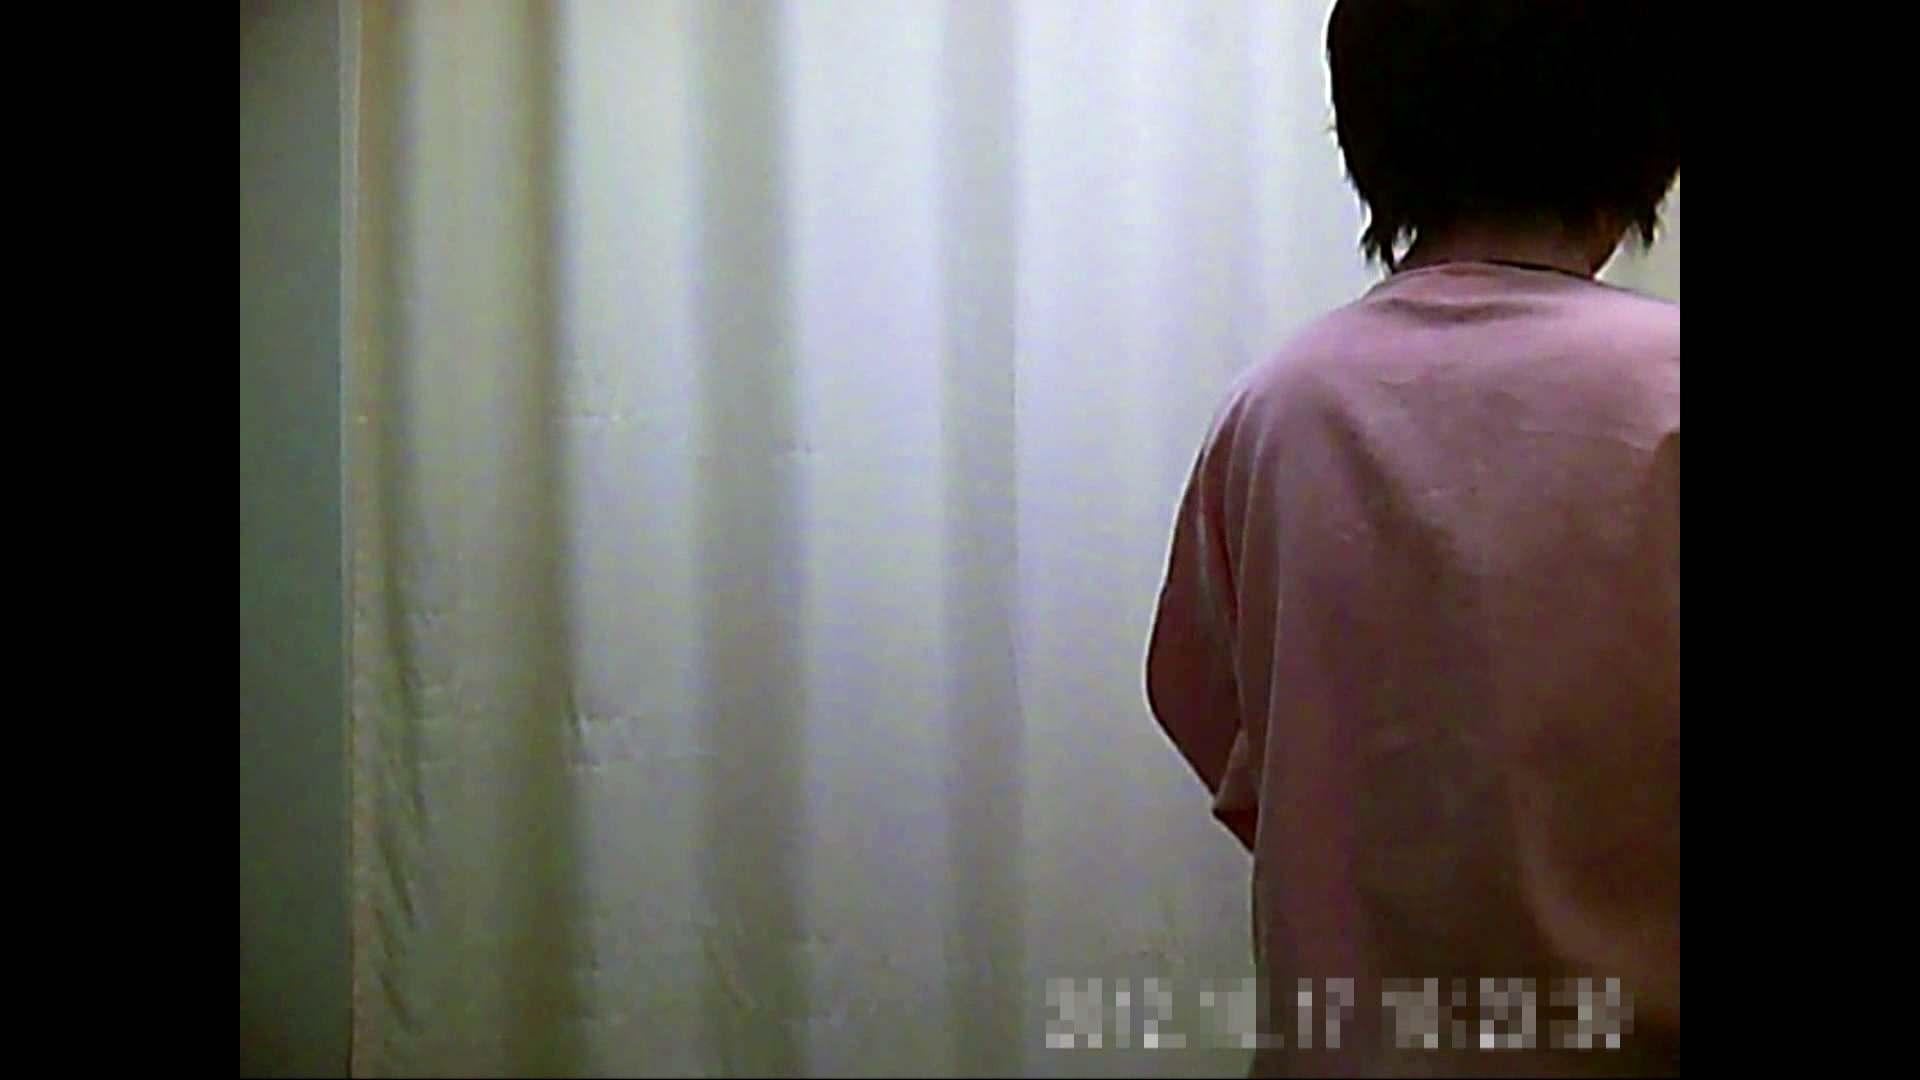 元医者による反抗 更衣室地獄絵巻 vol.054 OL女体  42連発 12